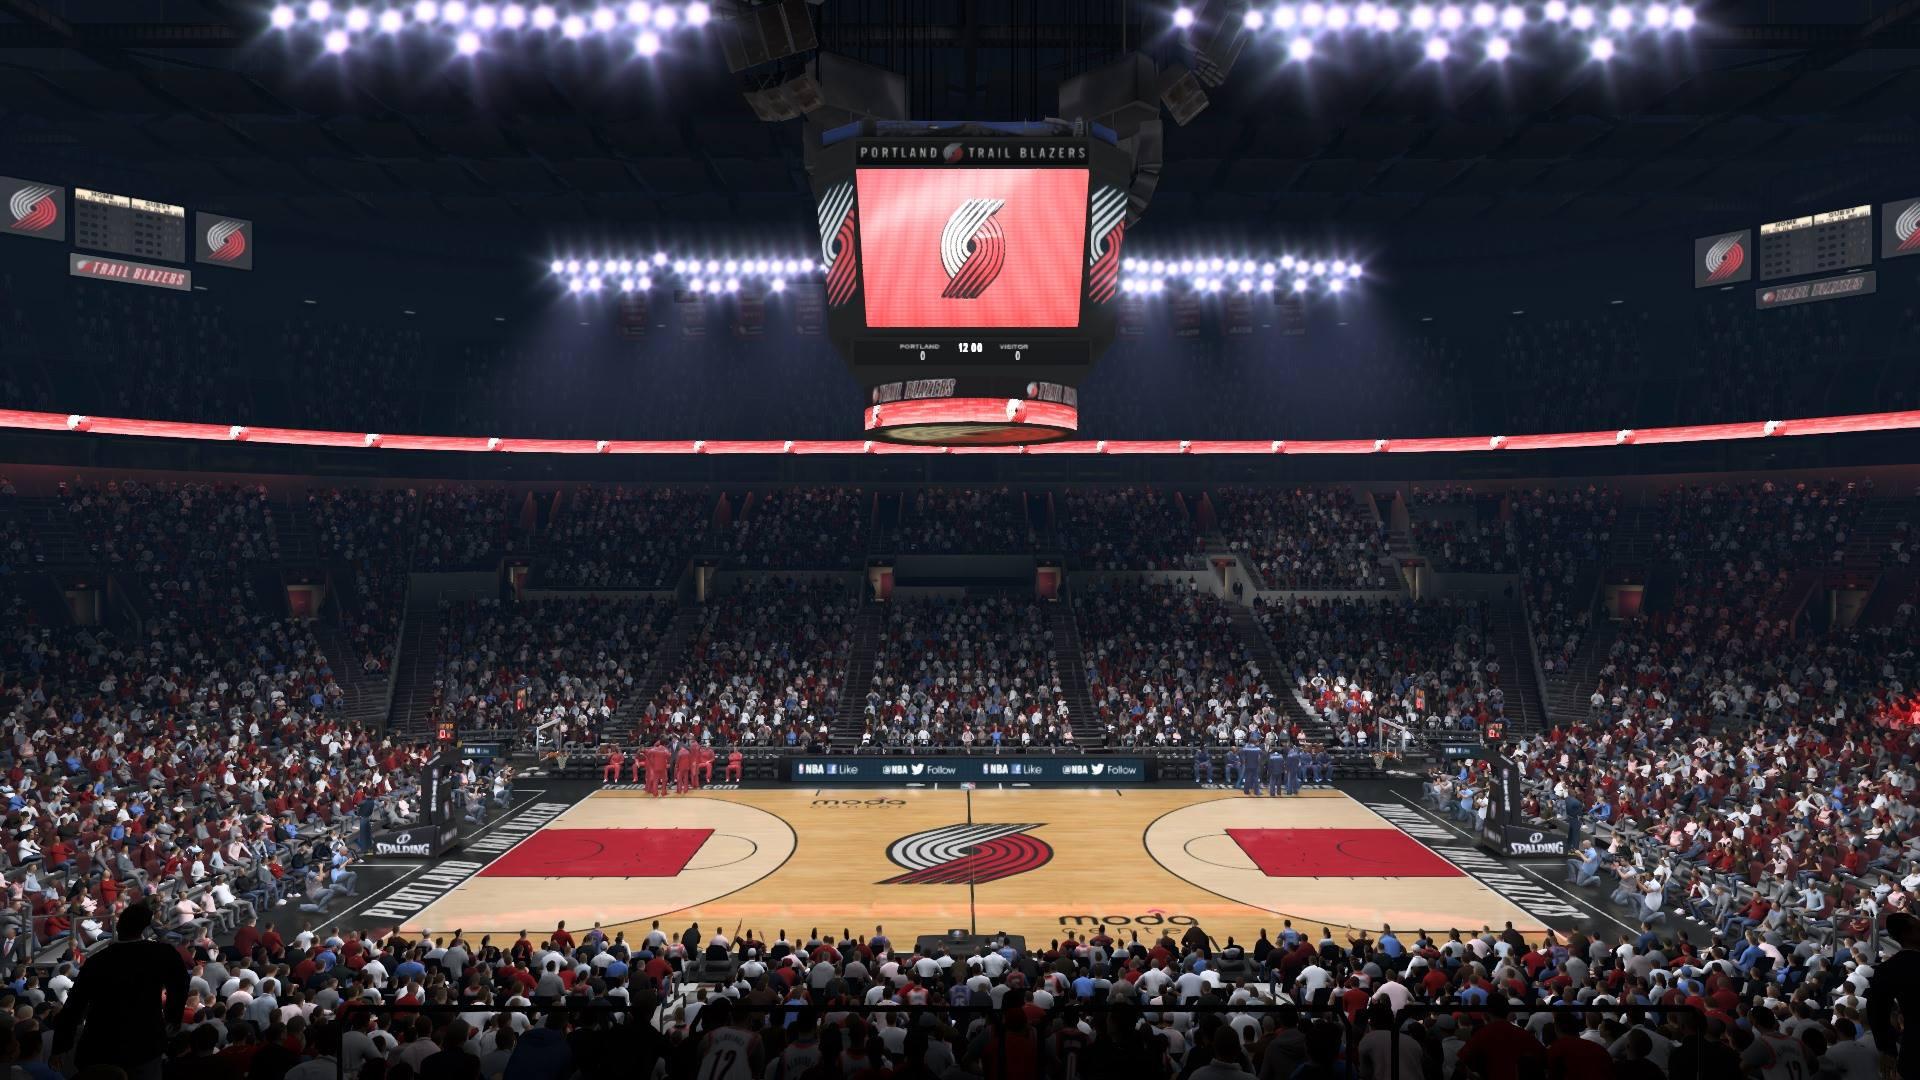 Victor Oladipo \u0026 The Moda Center in NBA Live 15